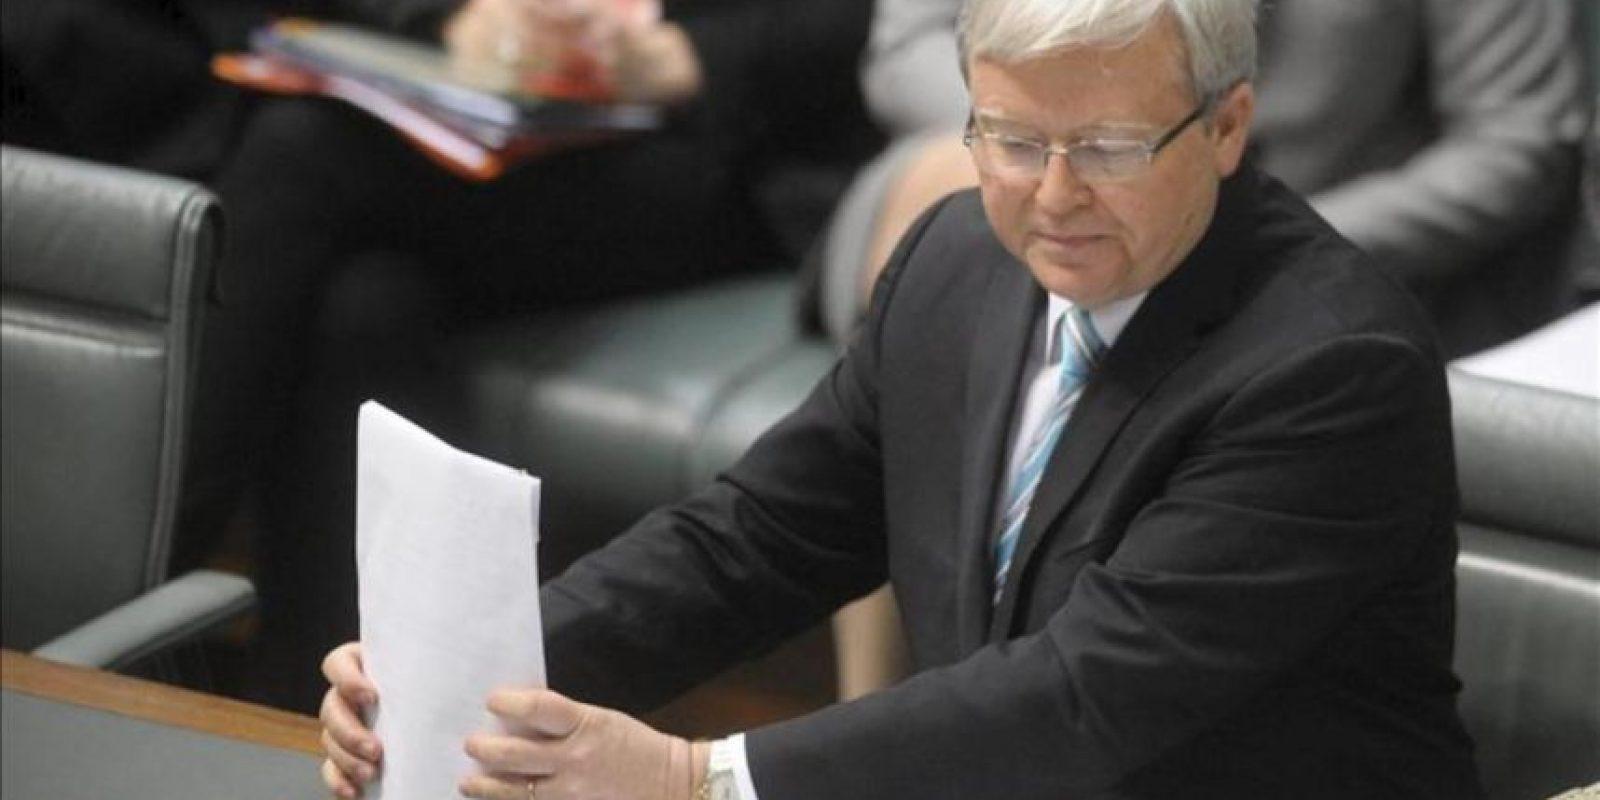 El nuevo primer ministro australiano, Kevin Rudd, se dirige a los miembros de la Cámara de Representantes hoy, miércoles 27 de junio de 2013, en la sede del Parlamento, en Camberra (Australia). EFE